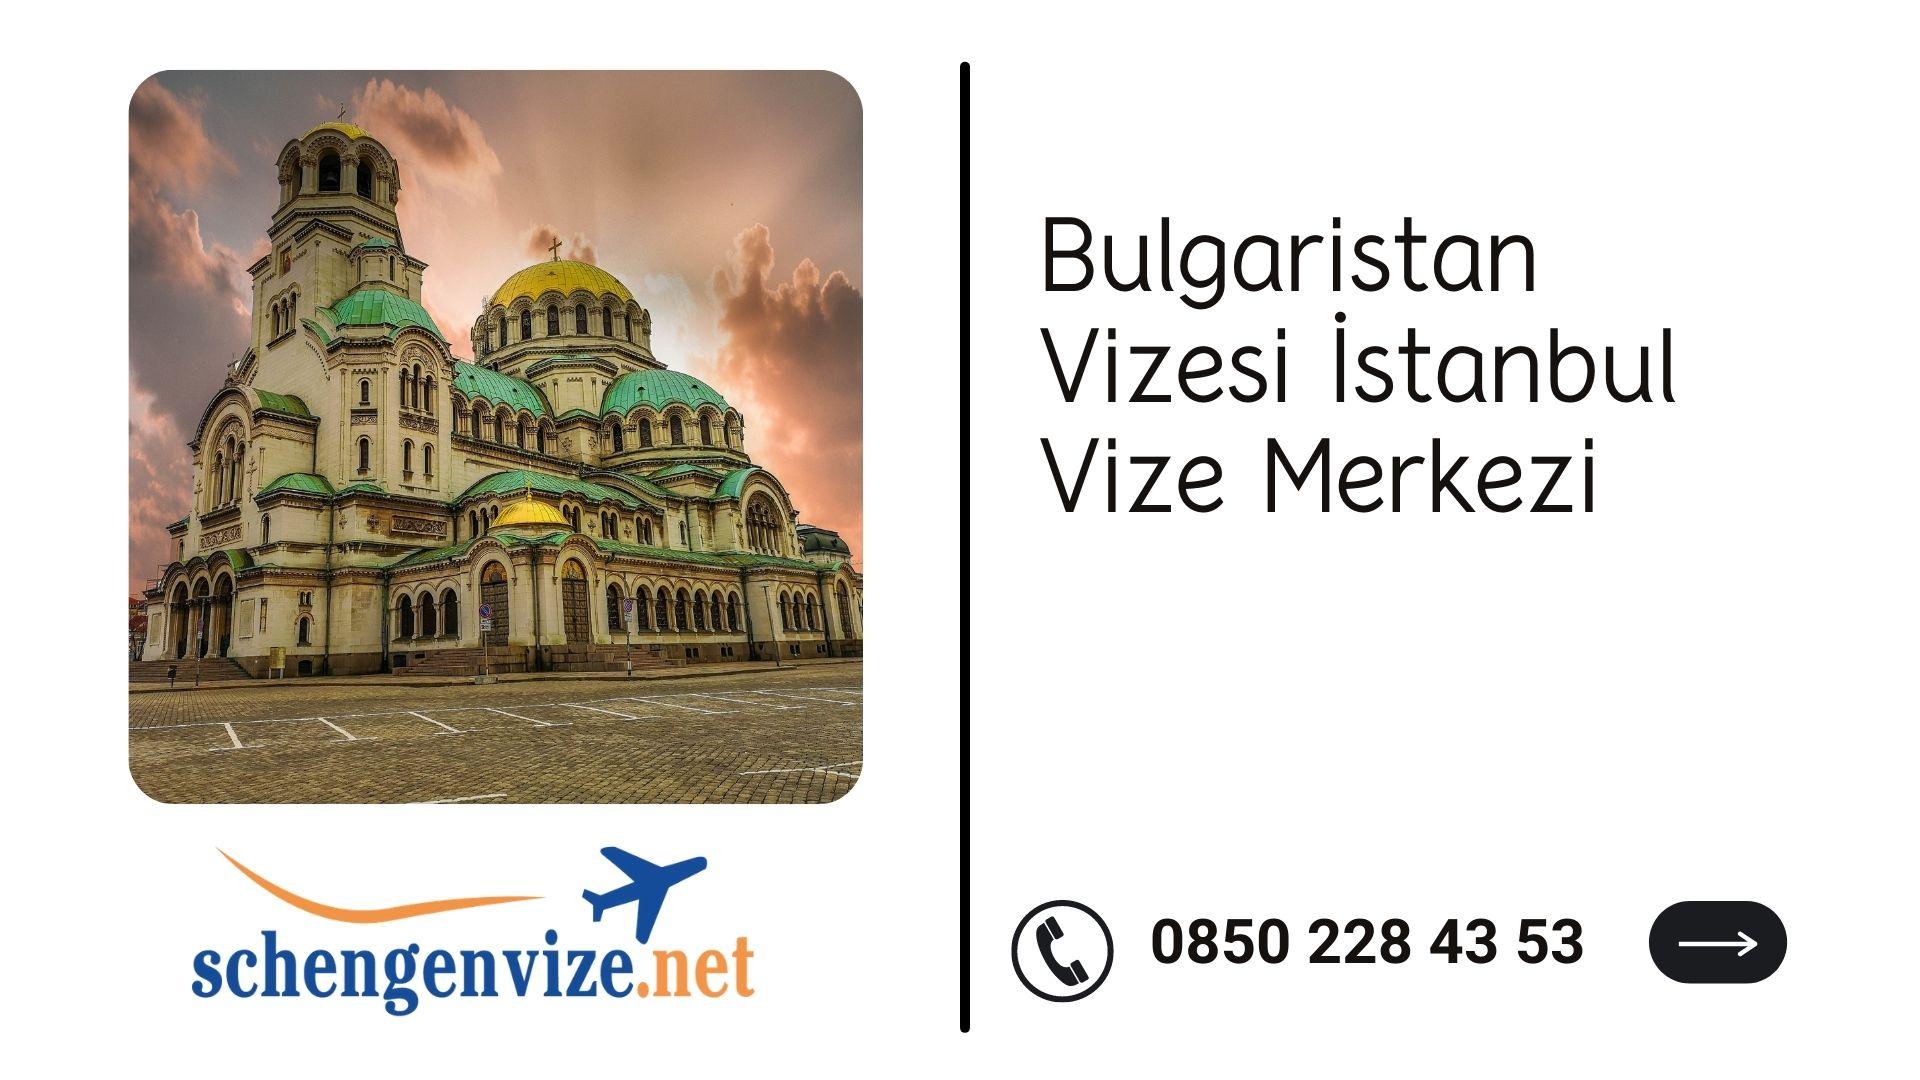 Bulgaristan Vizesi İstanbul Vize Merkezi